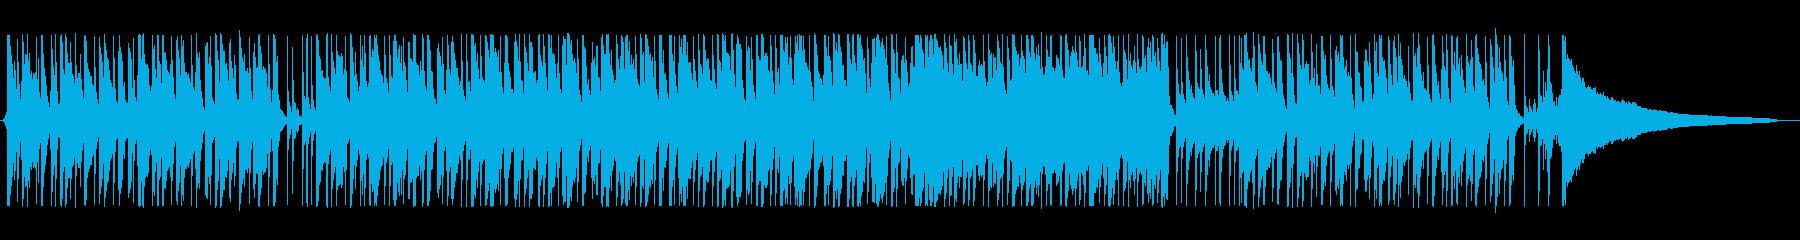 軽やかで明るいシンセポップサウンドの再生済みの波形